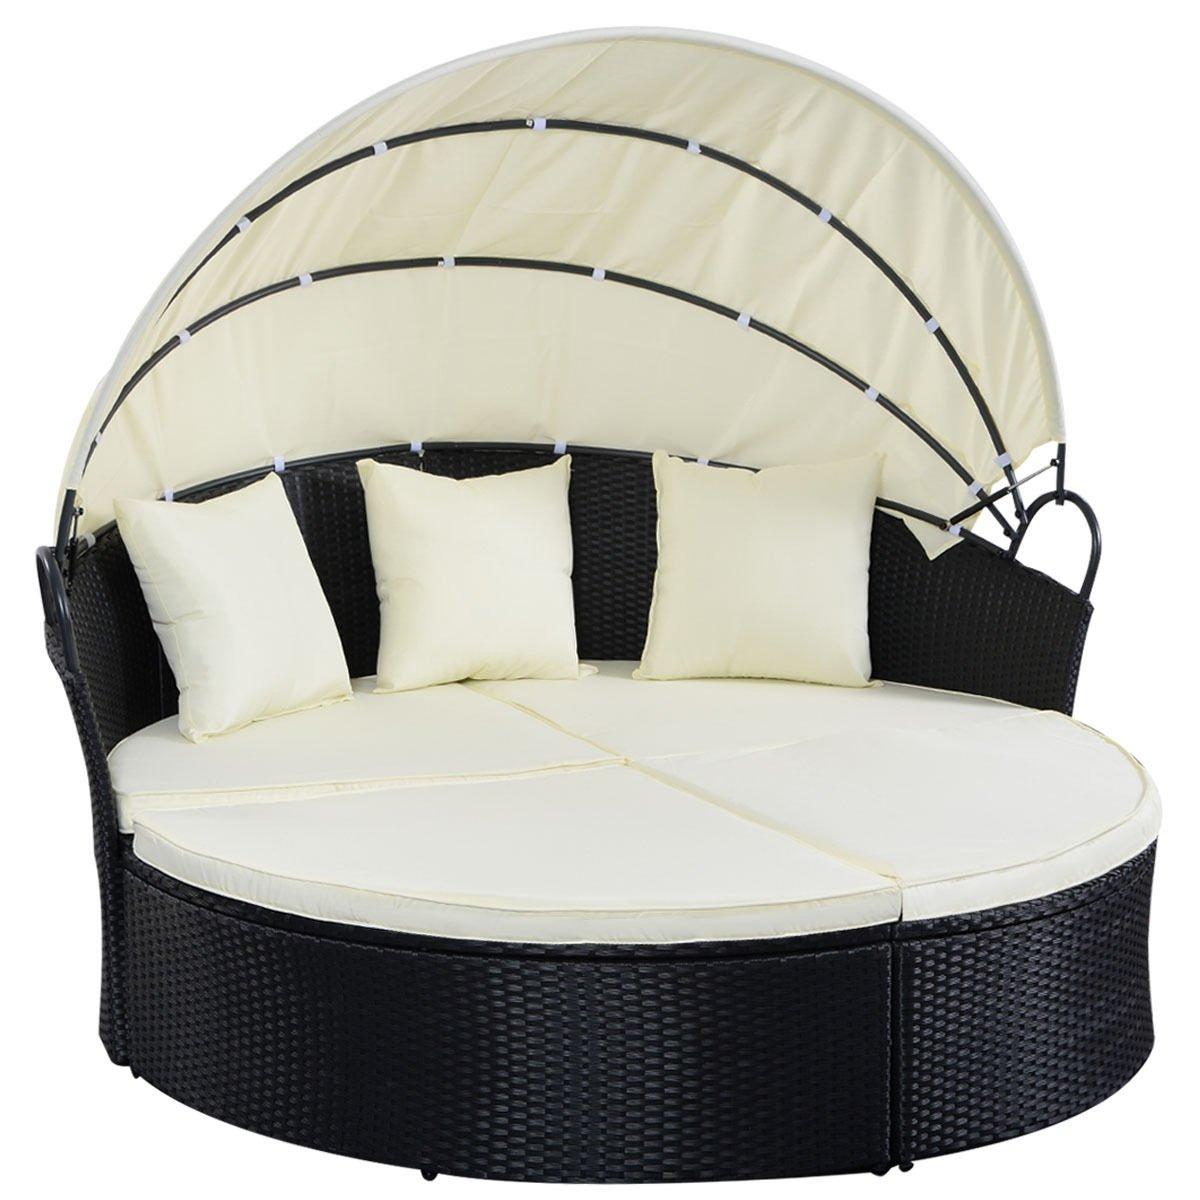 Black Reconfigurable Round Rattan Patio Sofa Daybed Retractable Sun Cover